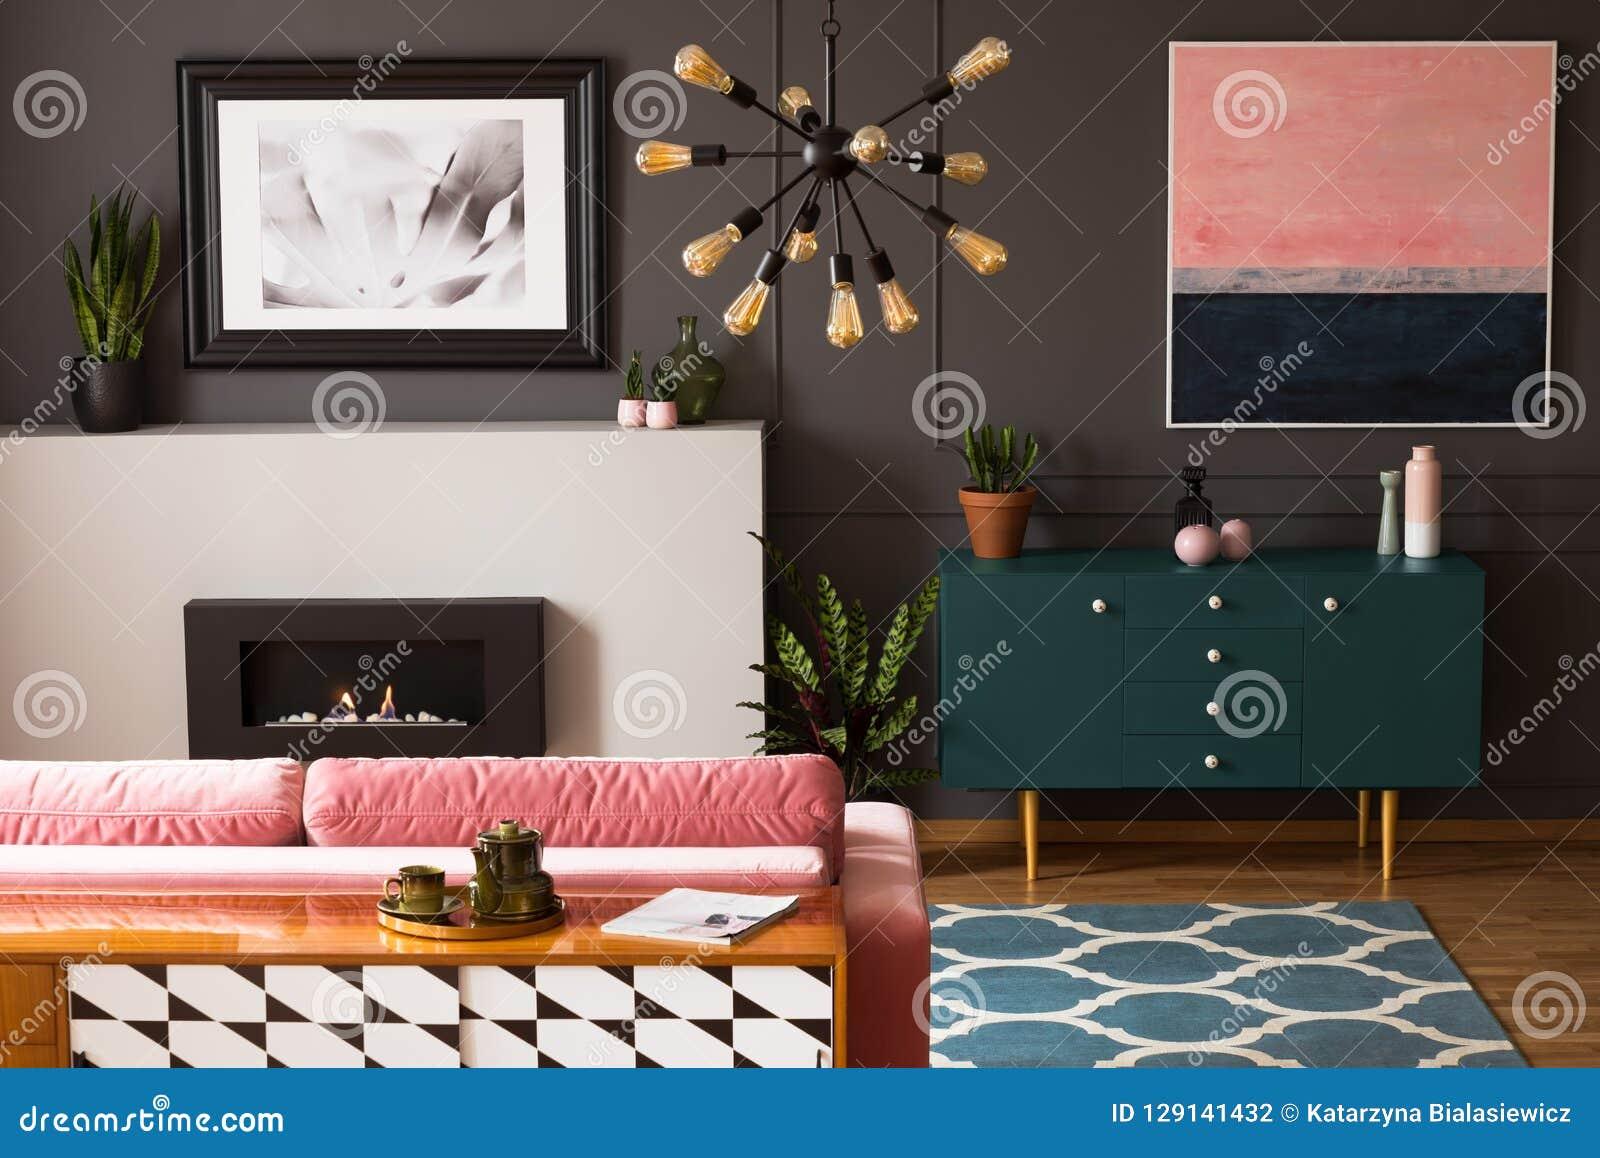 Pintura rosada sobre el gabinete verde en interior plano gris con la chimenea delante del sofá